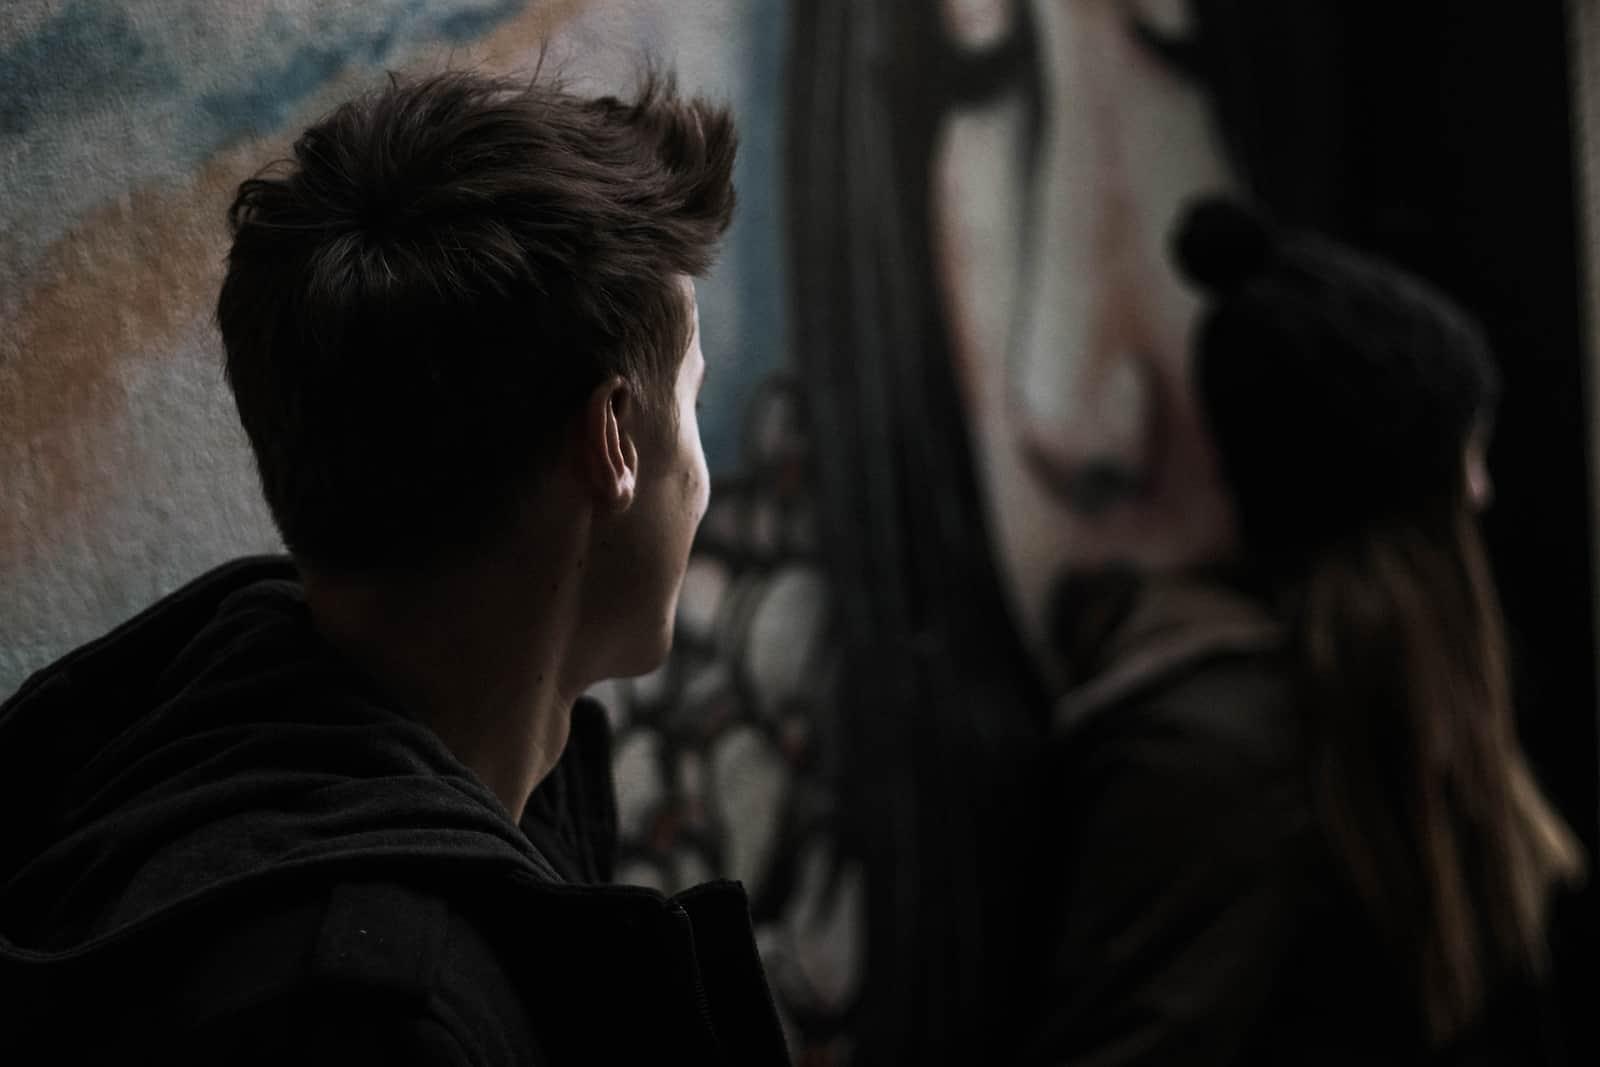 eine Frau, die sich von einem Mann abwendet, der neben ihr in der Nähe der Graffiti-Wand steht